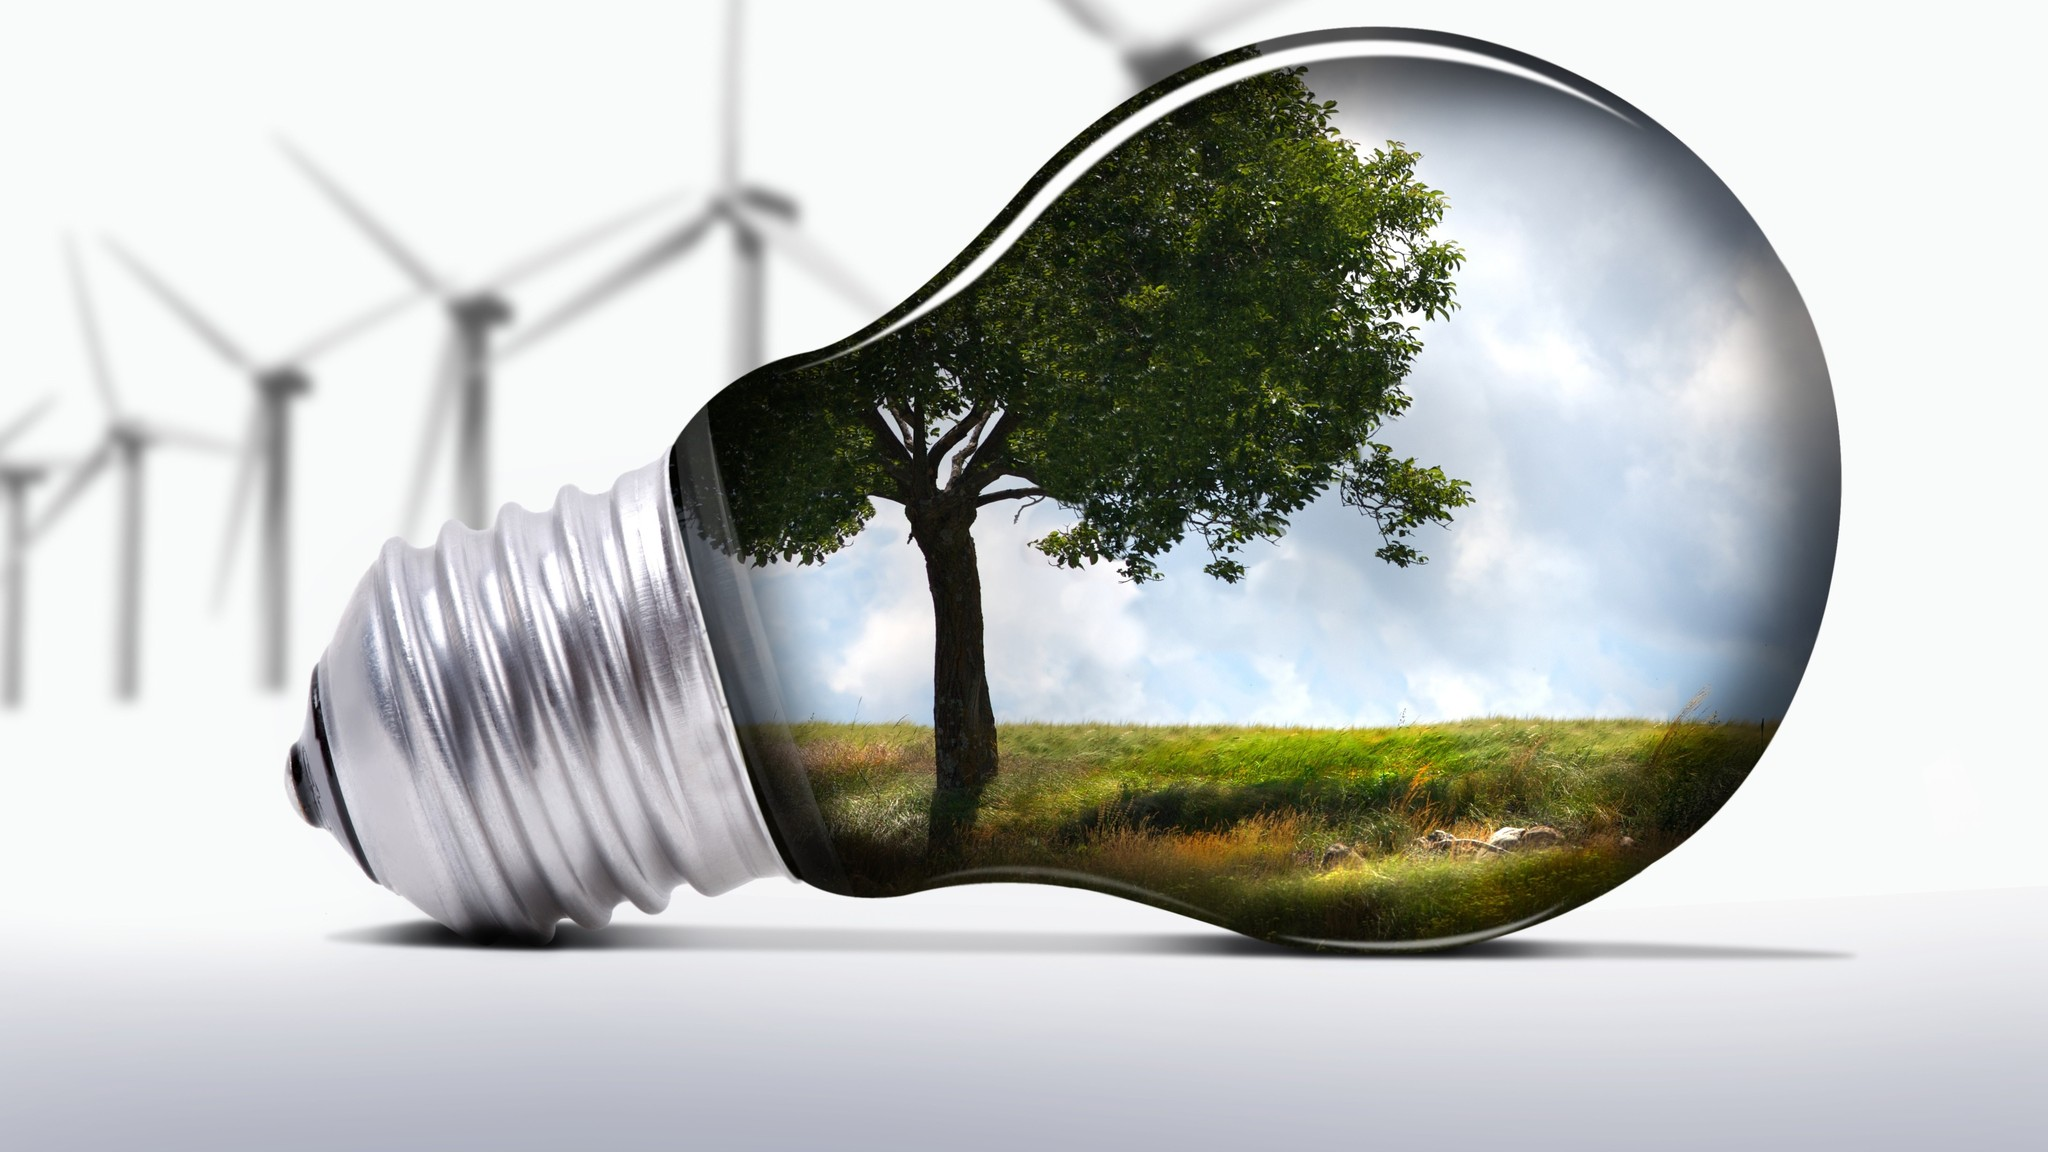 Россия намерена повысить энергоэффективность на 40% к 2020 году. Как этого достичь?